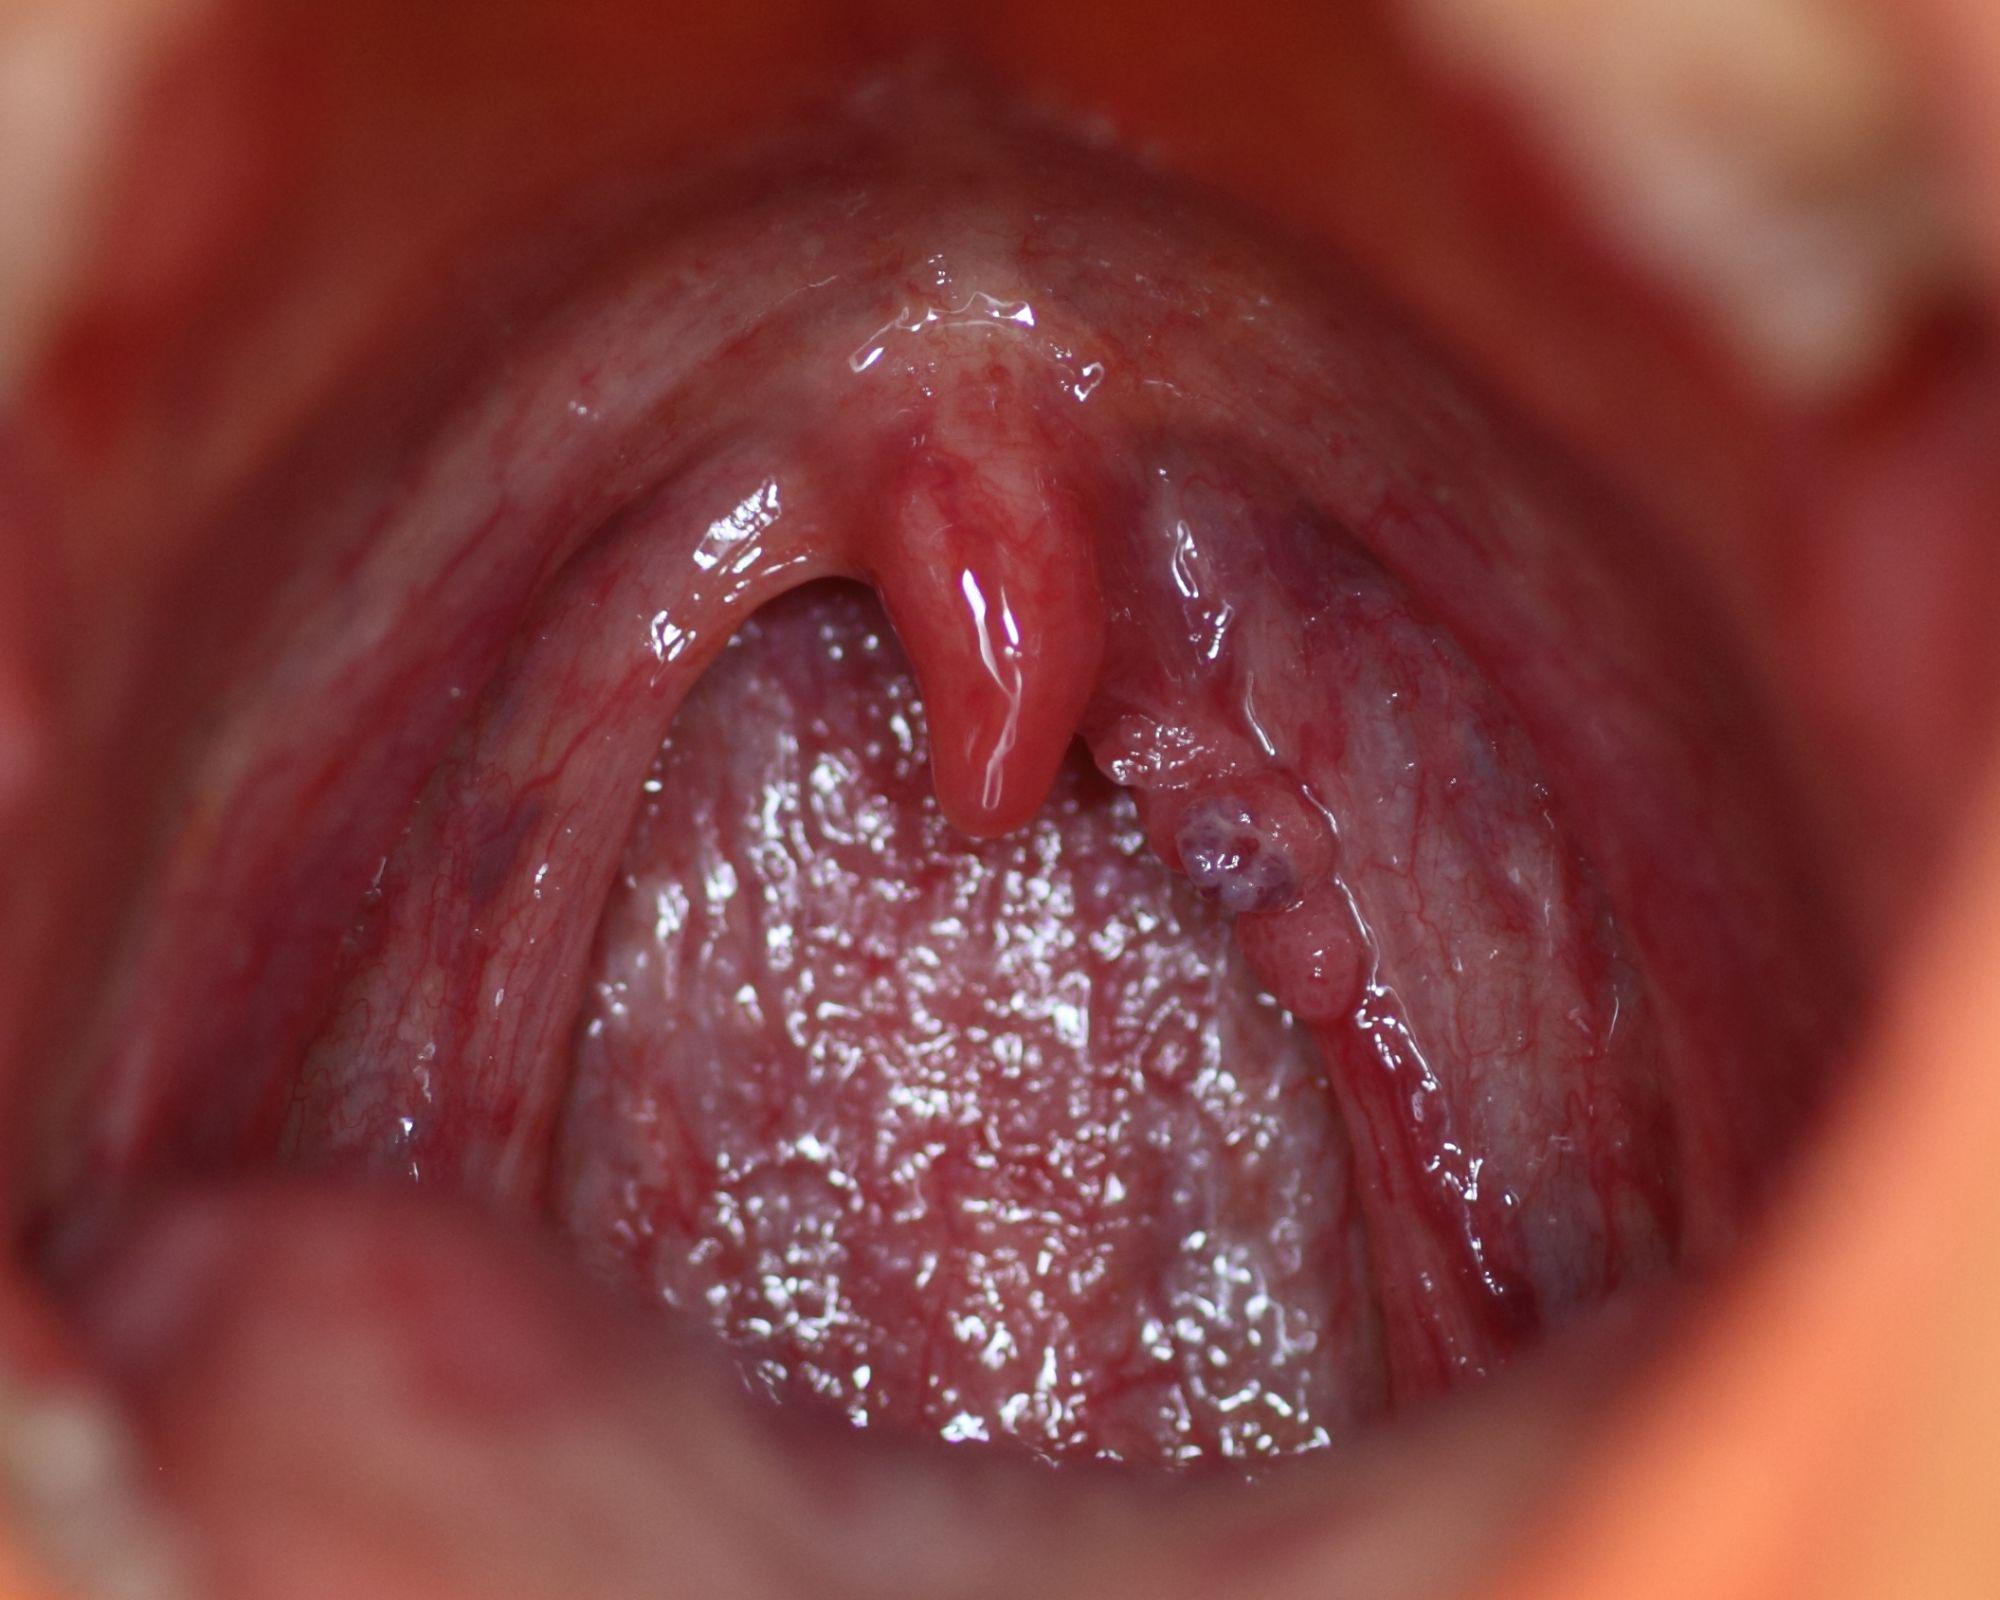 papillomas tonsils)